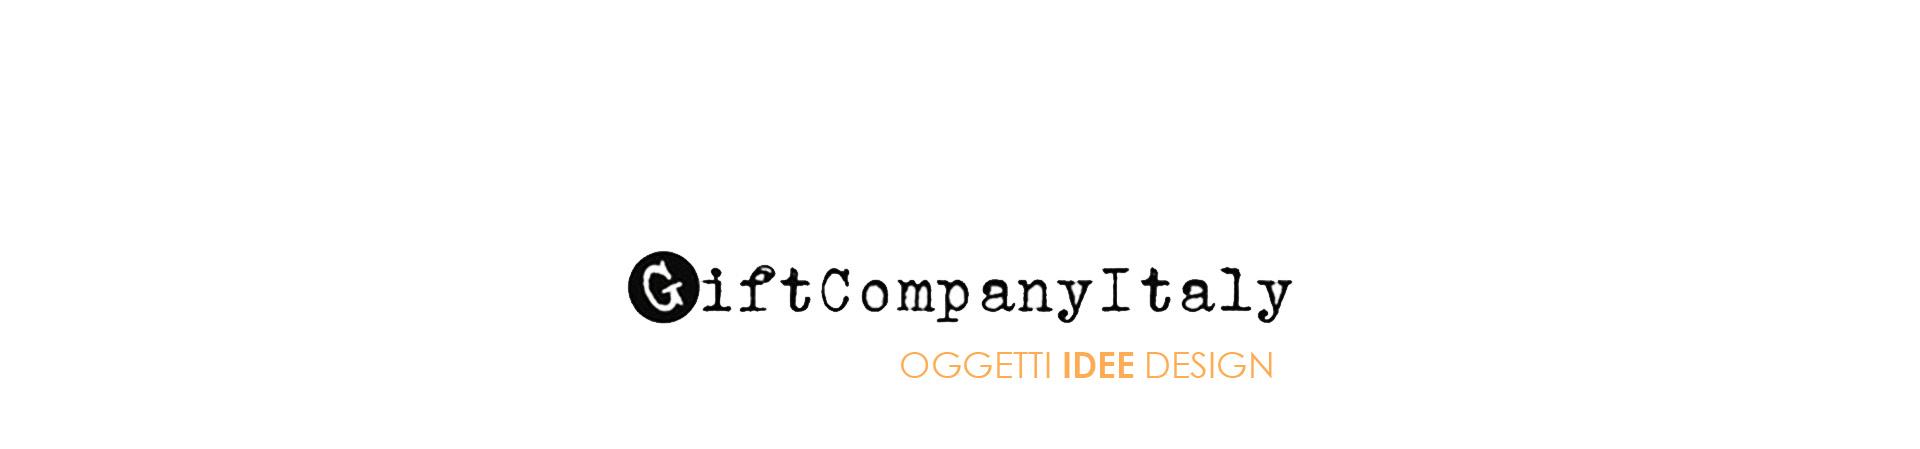 GIFT COMPANY ITALY